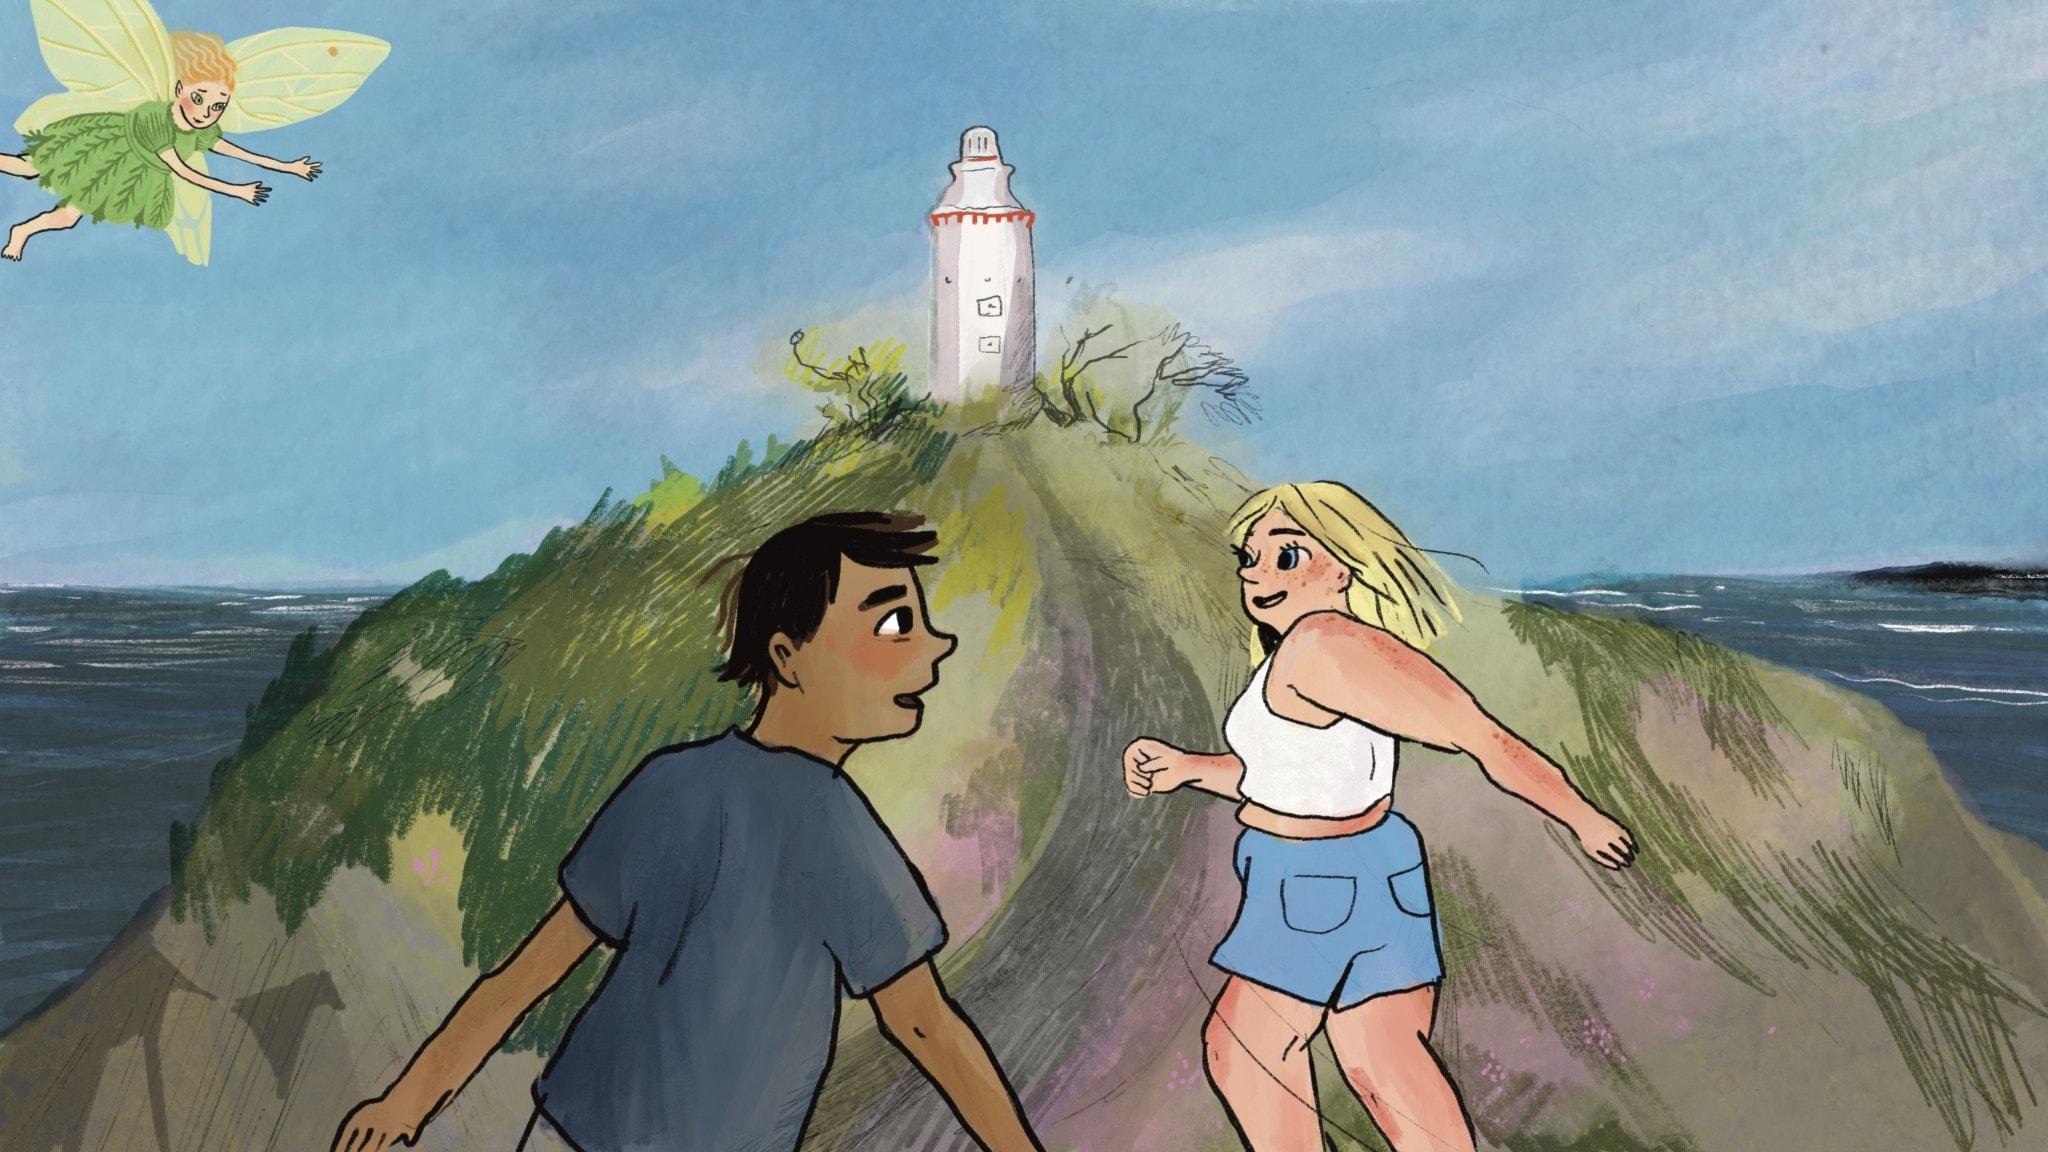 Melker springer efter Ninni på en stig mot en fyr. I hörnet av bilden är en liten älva med rött hår och grön klänning som ingen av dem ser. Illustration: Matilda Ruta